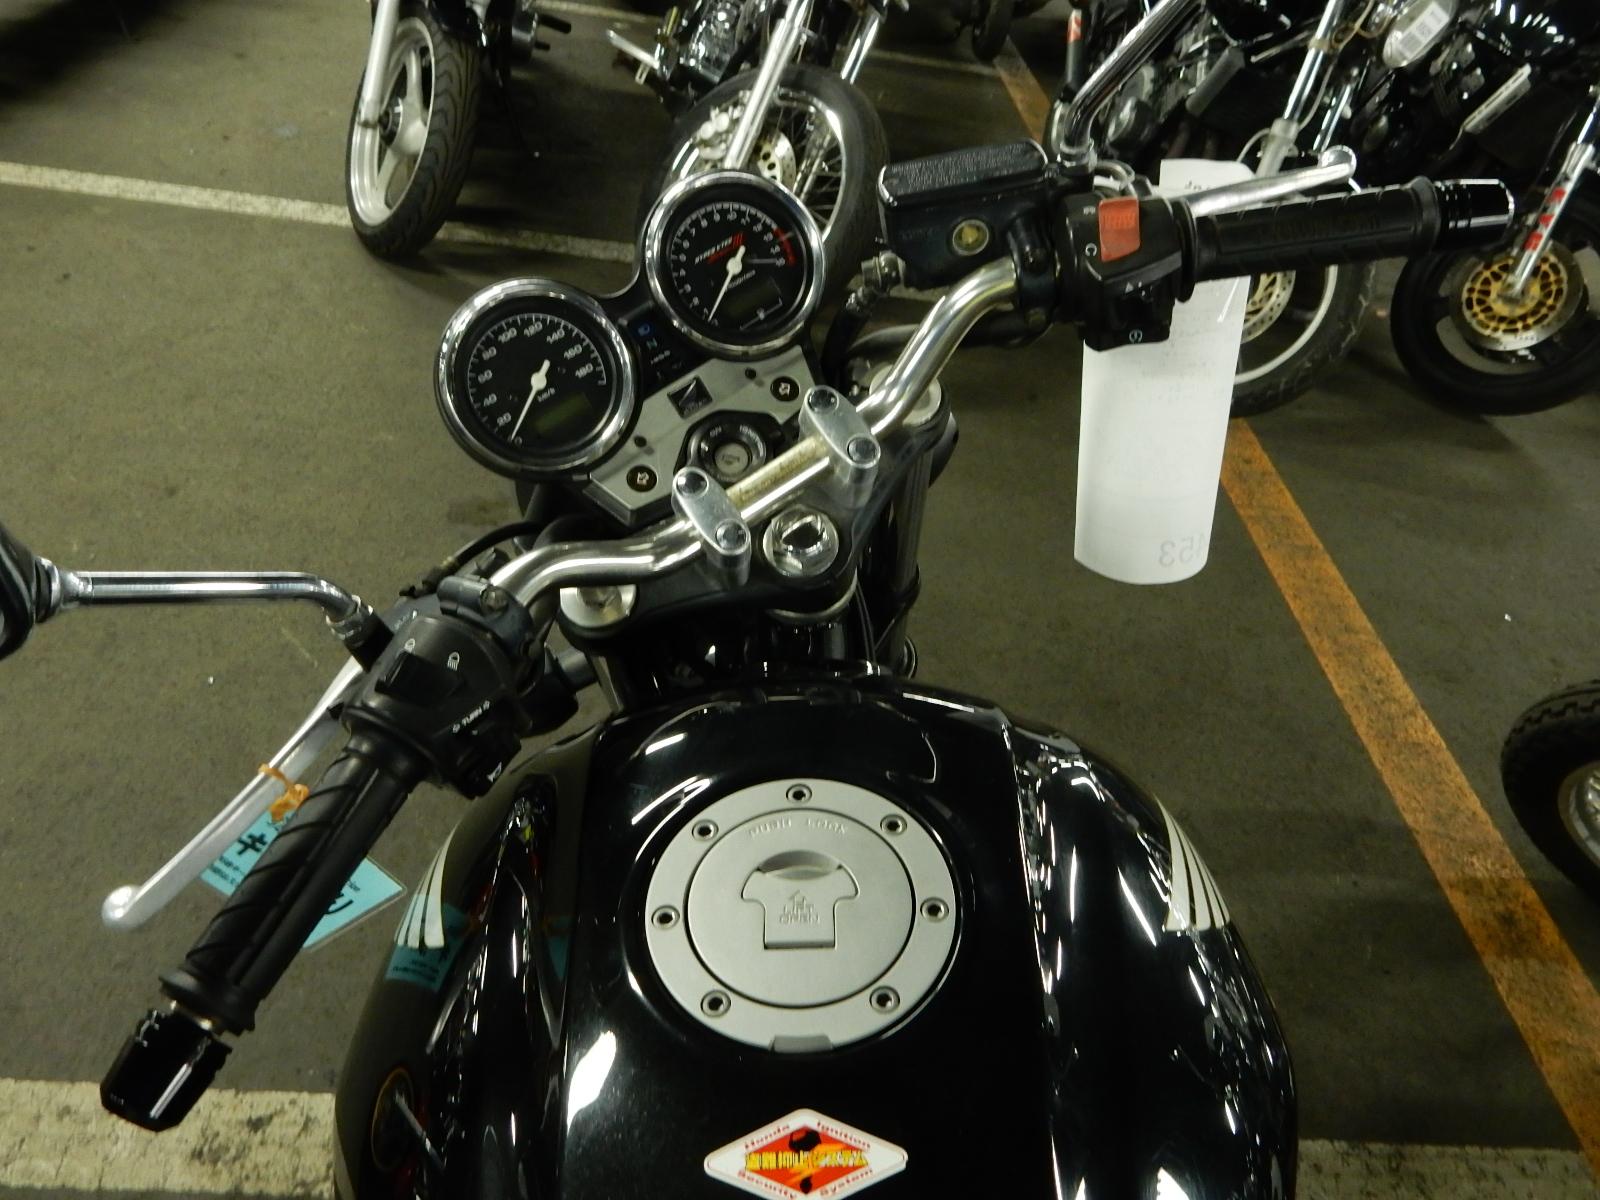 Запчасти для мотоциклов в интернет магазине мотозапчастей